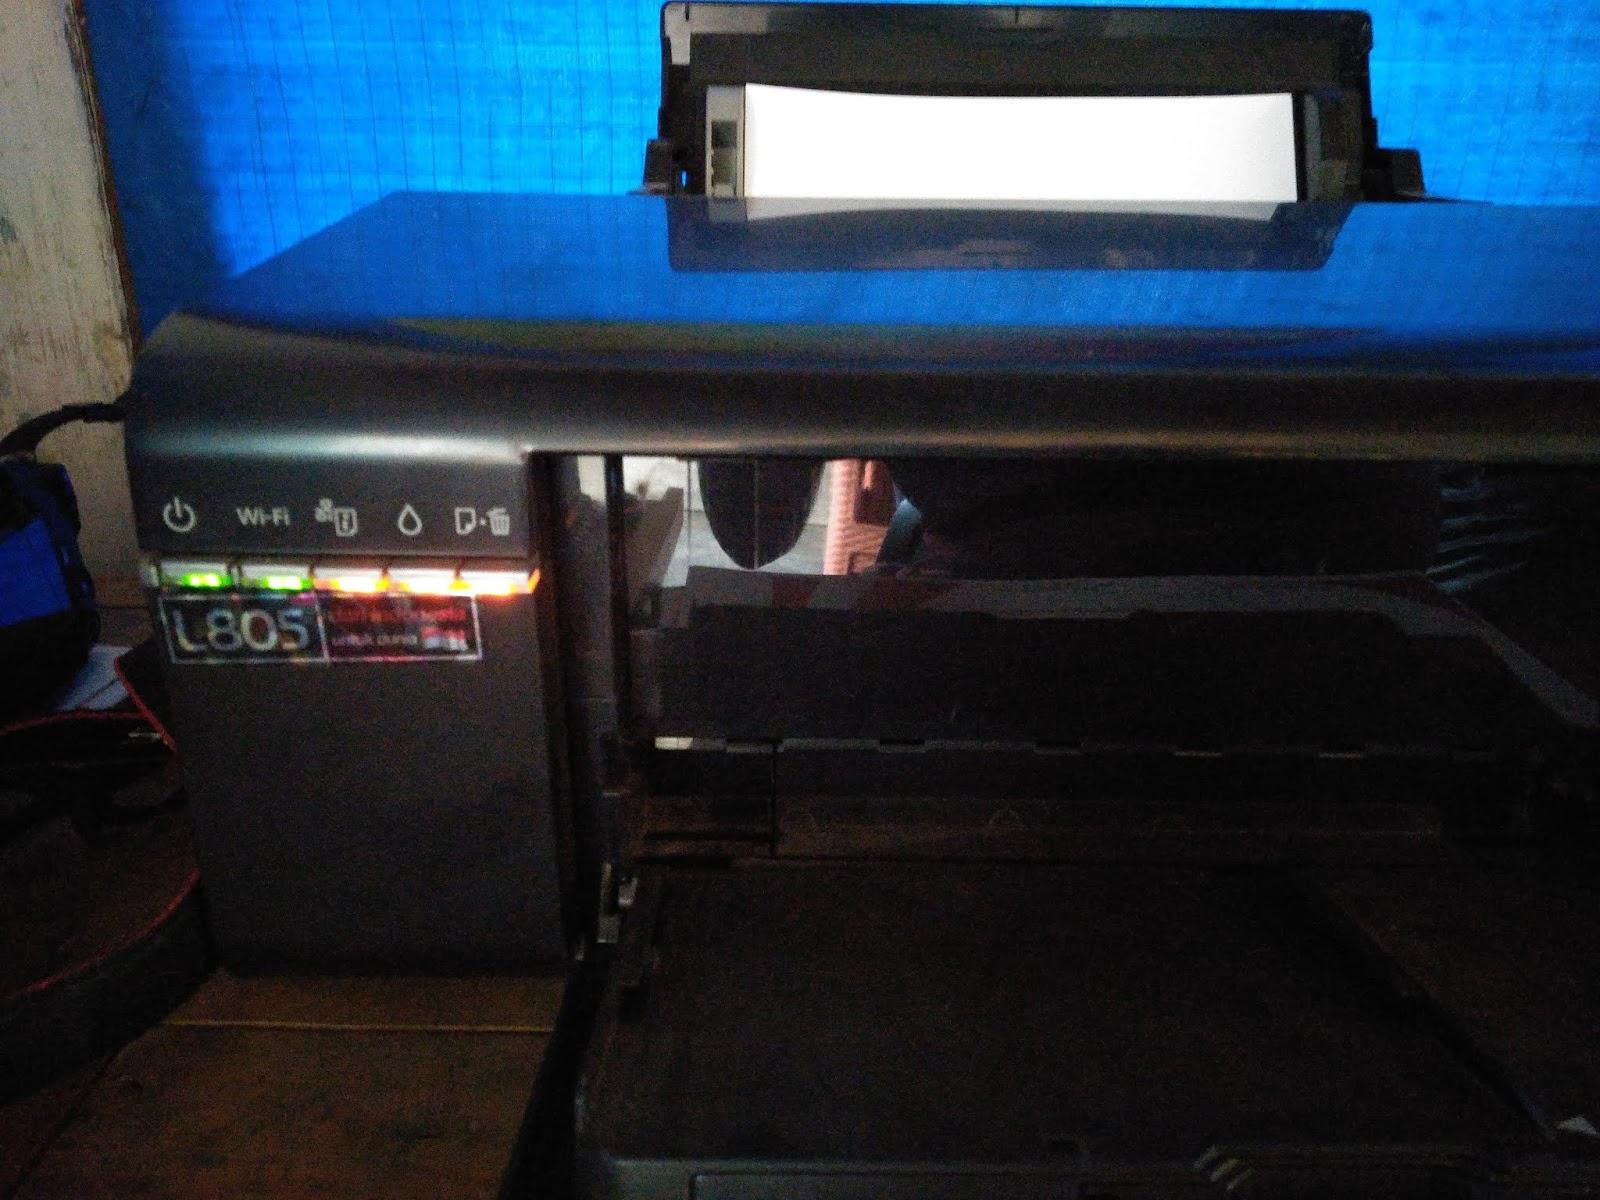 Epson L805 Printer Blinking